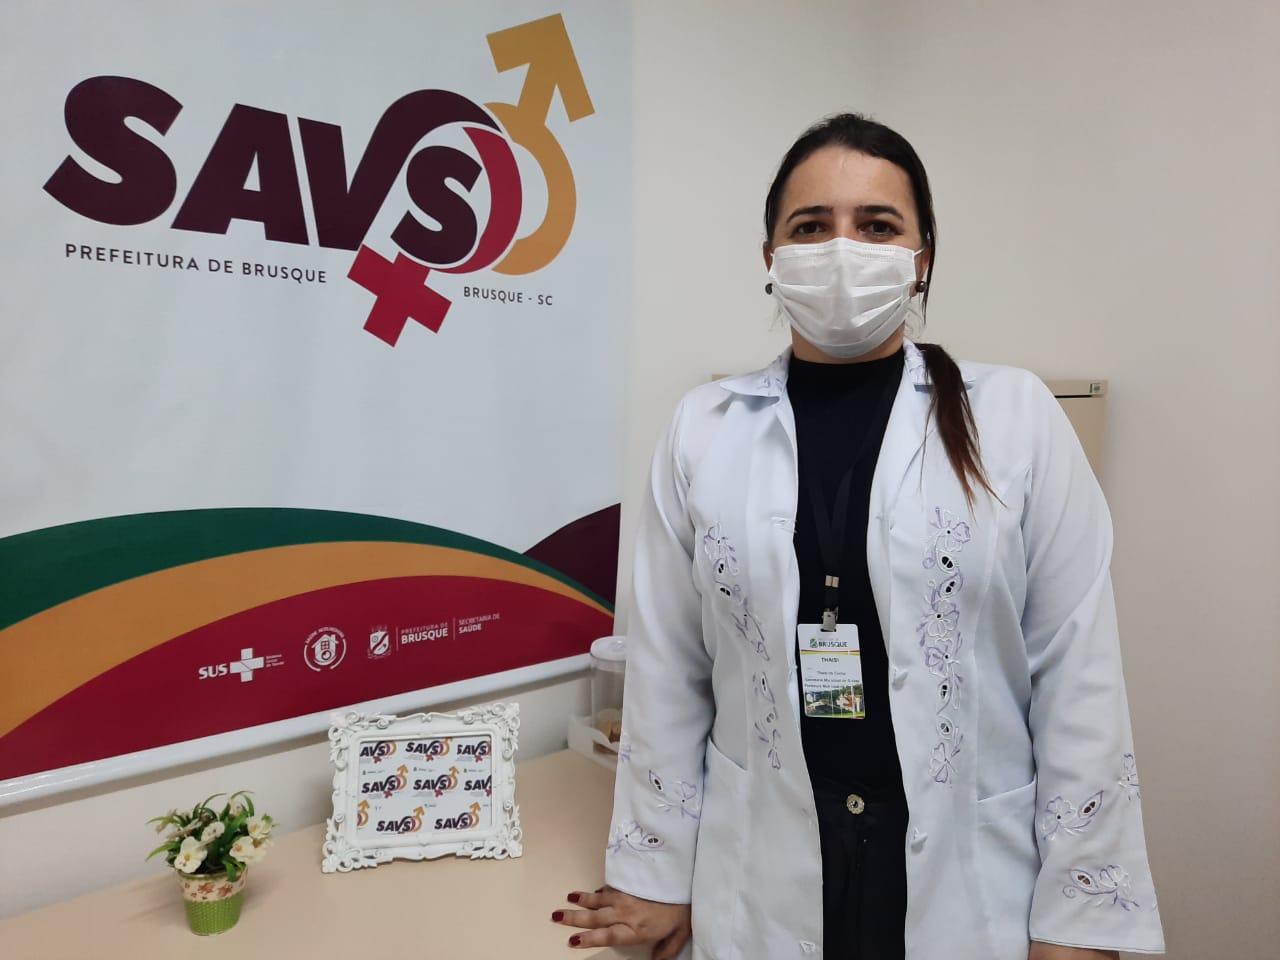 Aproximadamente 40 crianças são acompanhadas pelo Serviço de Atenção Integral às Pessoas em Situação de Violência Sexual (SAVS), em Brusque